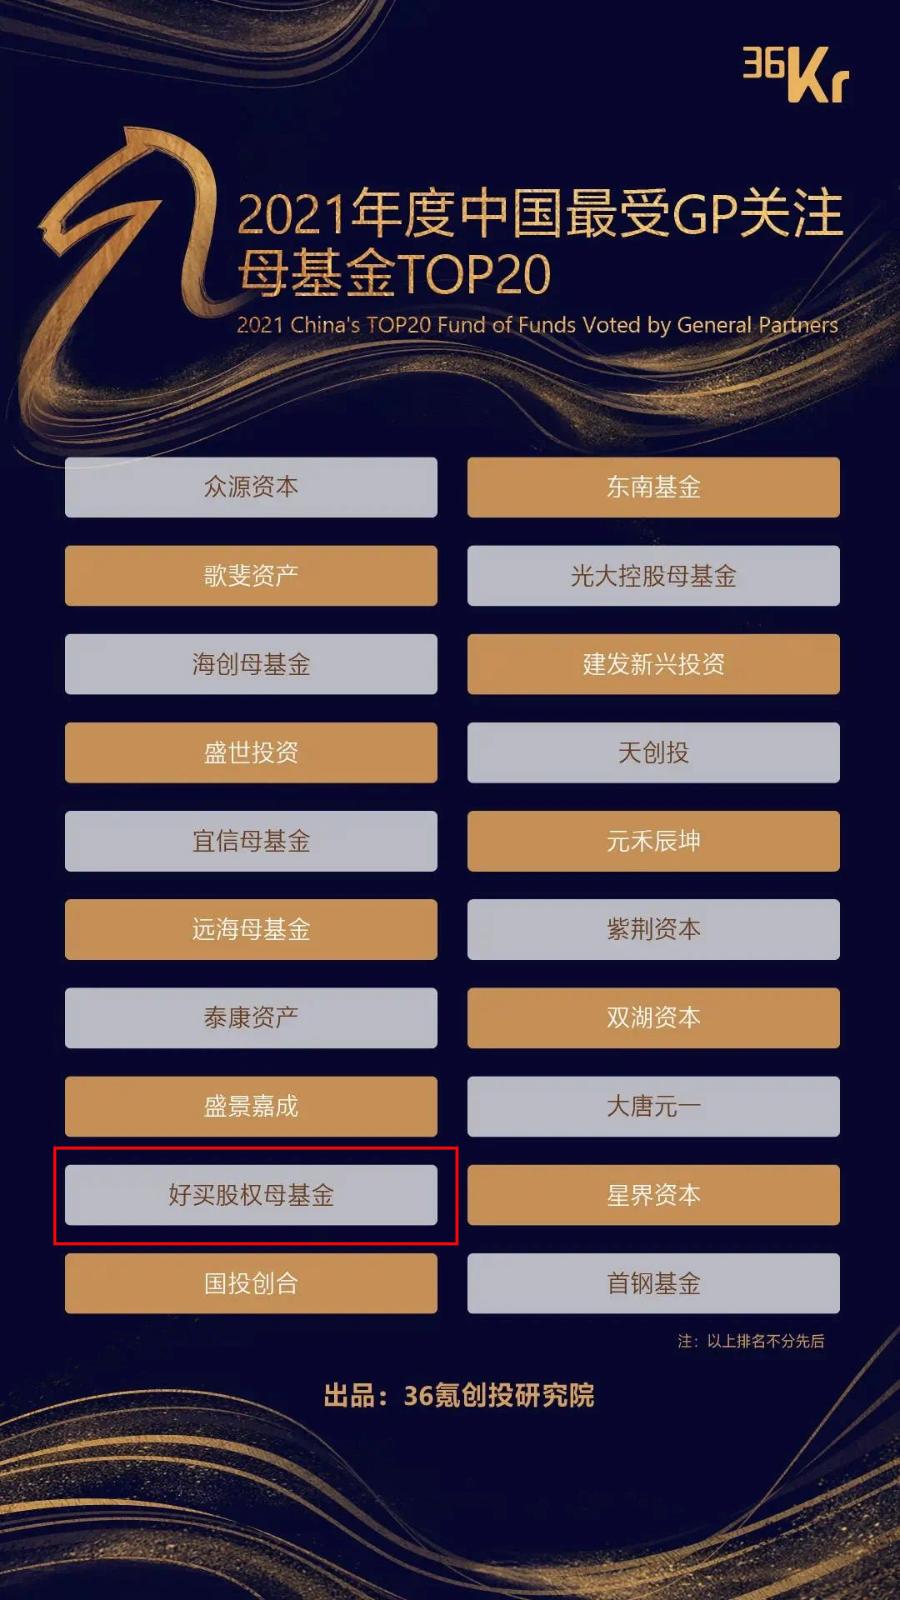 好买母基金荣膺「2021年度中国最受GP关注母基金TOP20」!